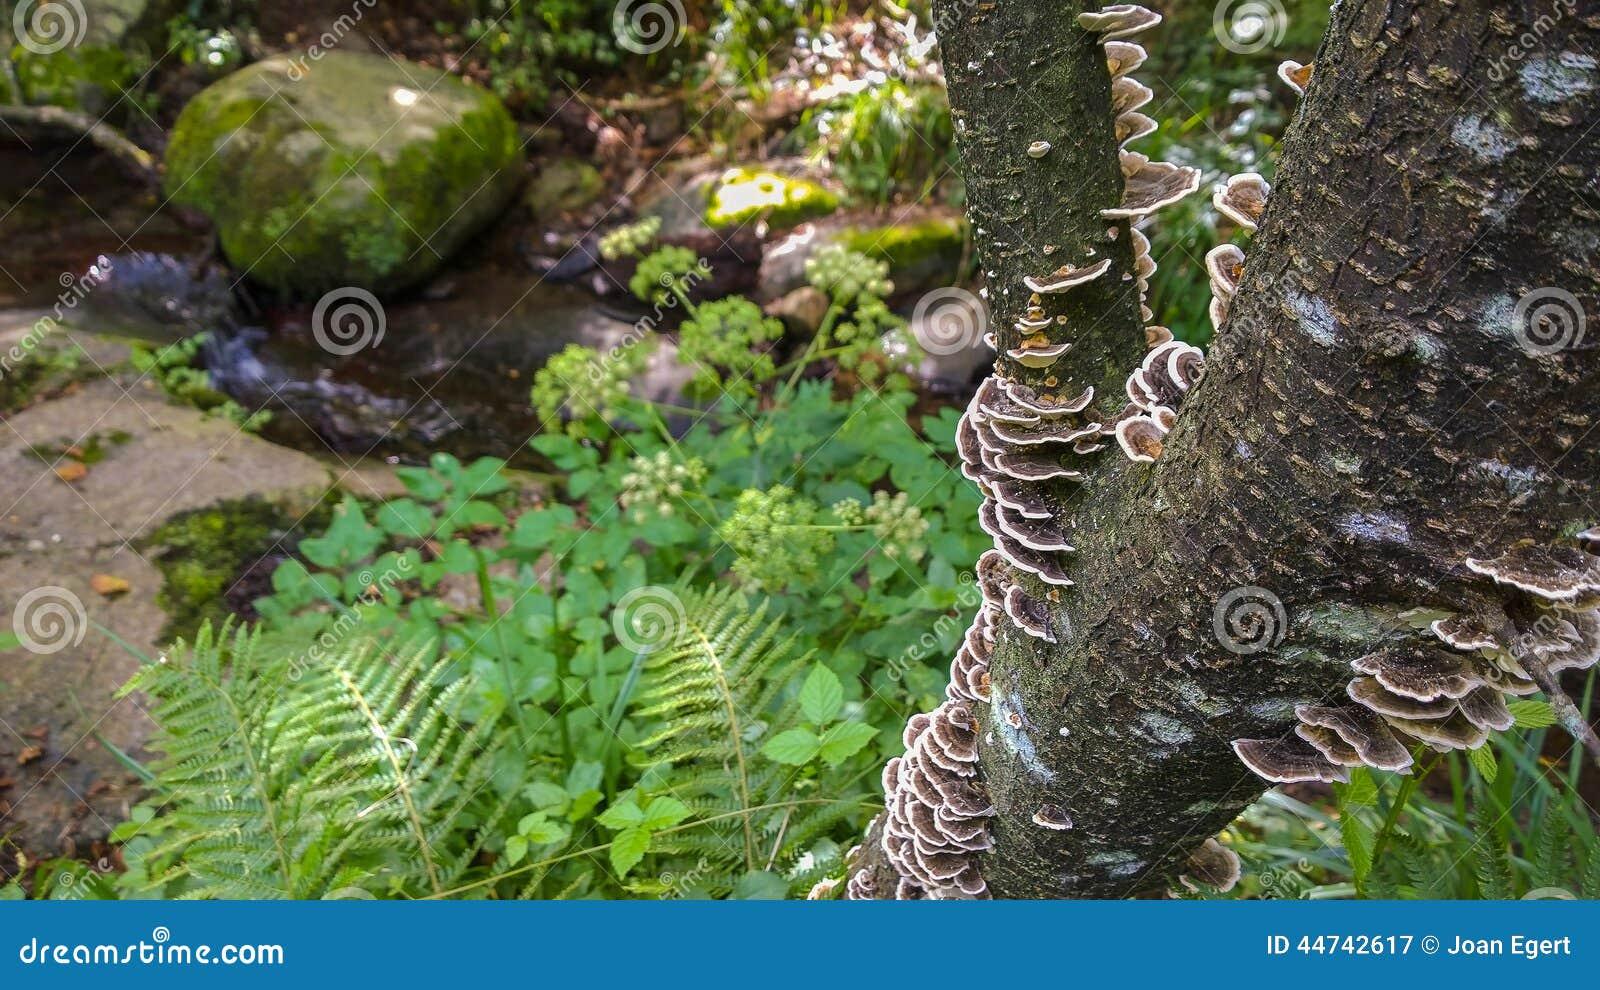 champignon de parenth se de l 39 artiste s 39 levant sur le tronc d 39 un arbre photo stock image. Black Bedroom Furniture Sets. Home Design Ideas